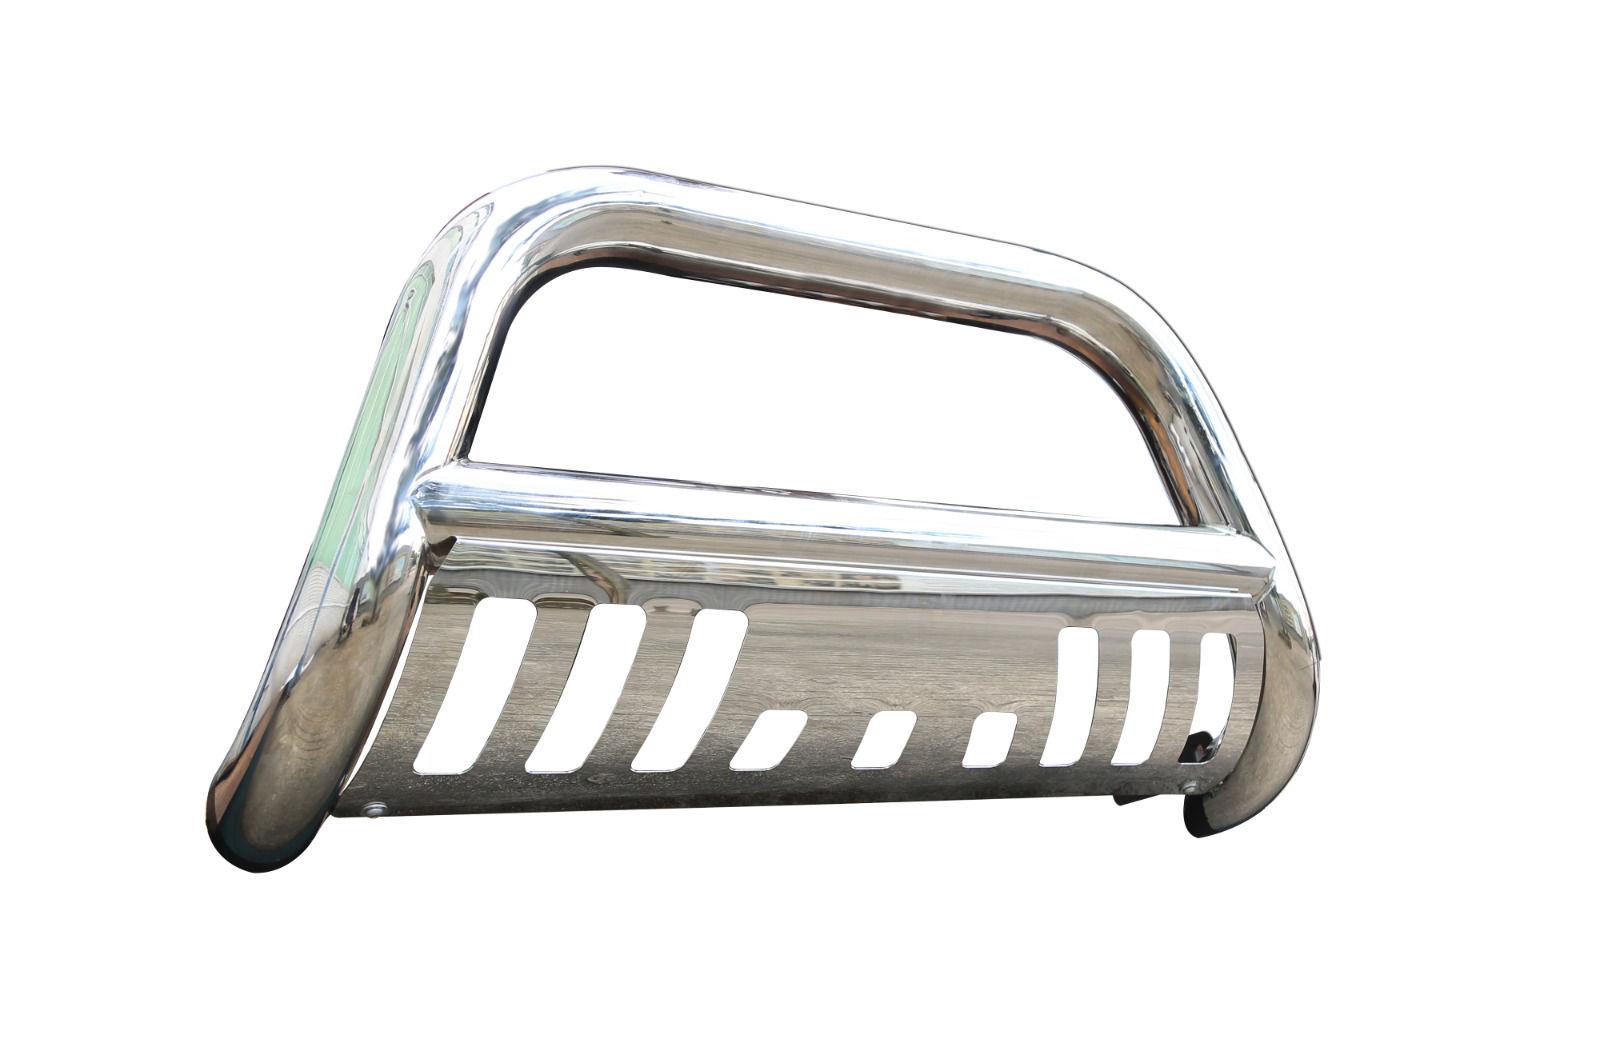 グリル 1999-2004フォードF150 / F250LD SSブルバーグリルガードフロントバンパー/スキッドプレート用 For 1999-2004 FORD F150/F250LD SS Bull Bar Grill Guard Front Bumper w/skid Plate